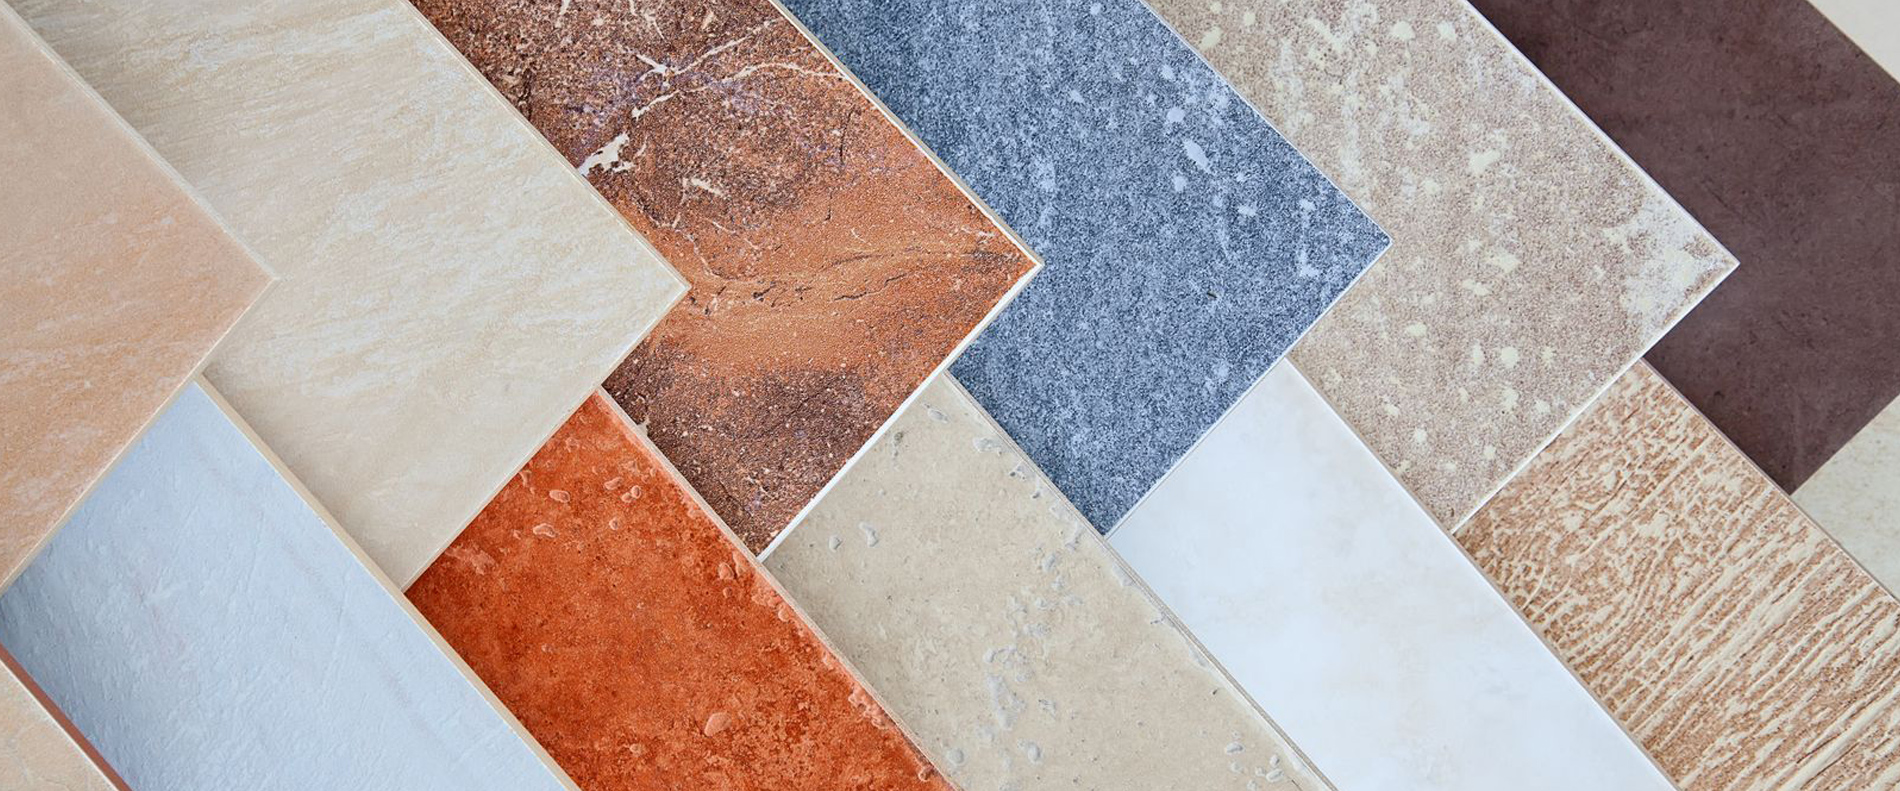 Materiales de construcci n de bilbao y bizkaia mosaicos for Marmol en la construccion